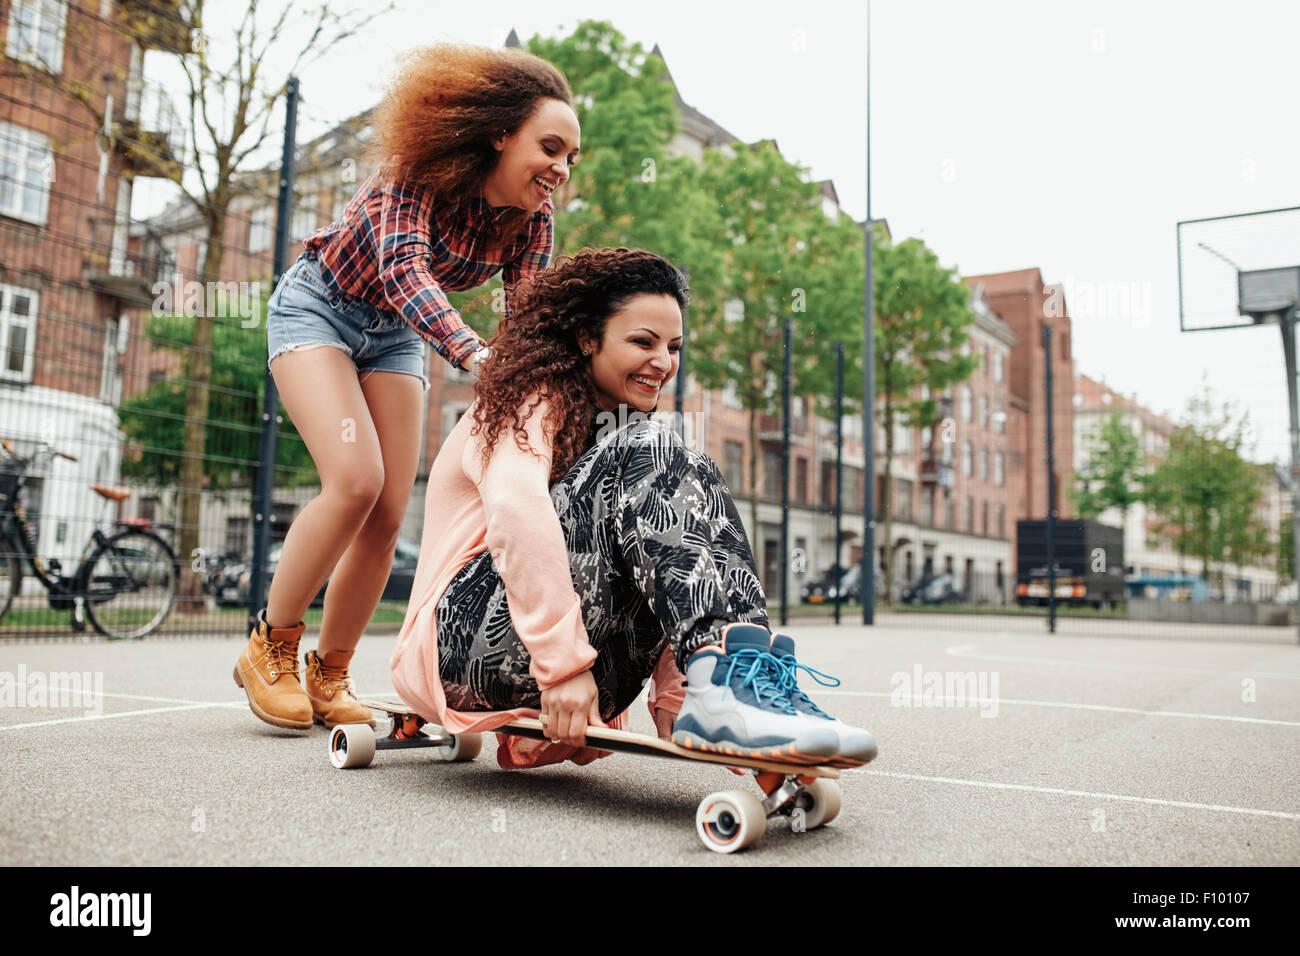 Happy young girl sitting on longboard qui est poussé par son ami. Les jeunes femmes bénéficiant d'une patinoire. Banque D'Images